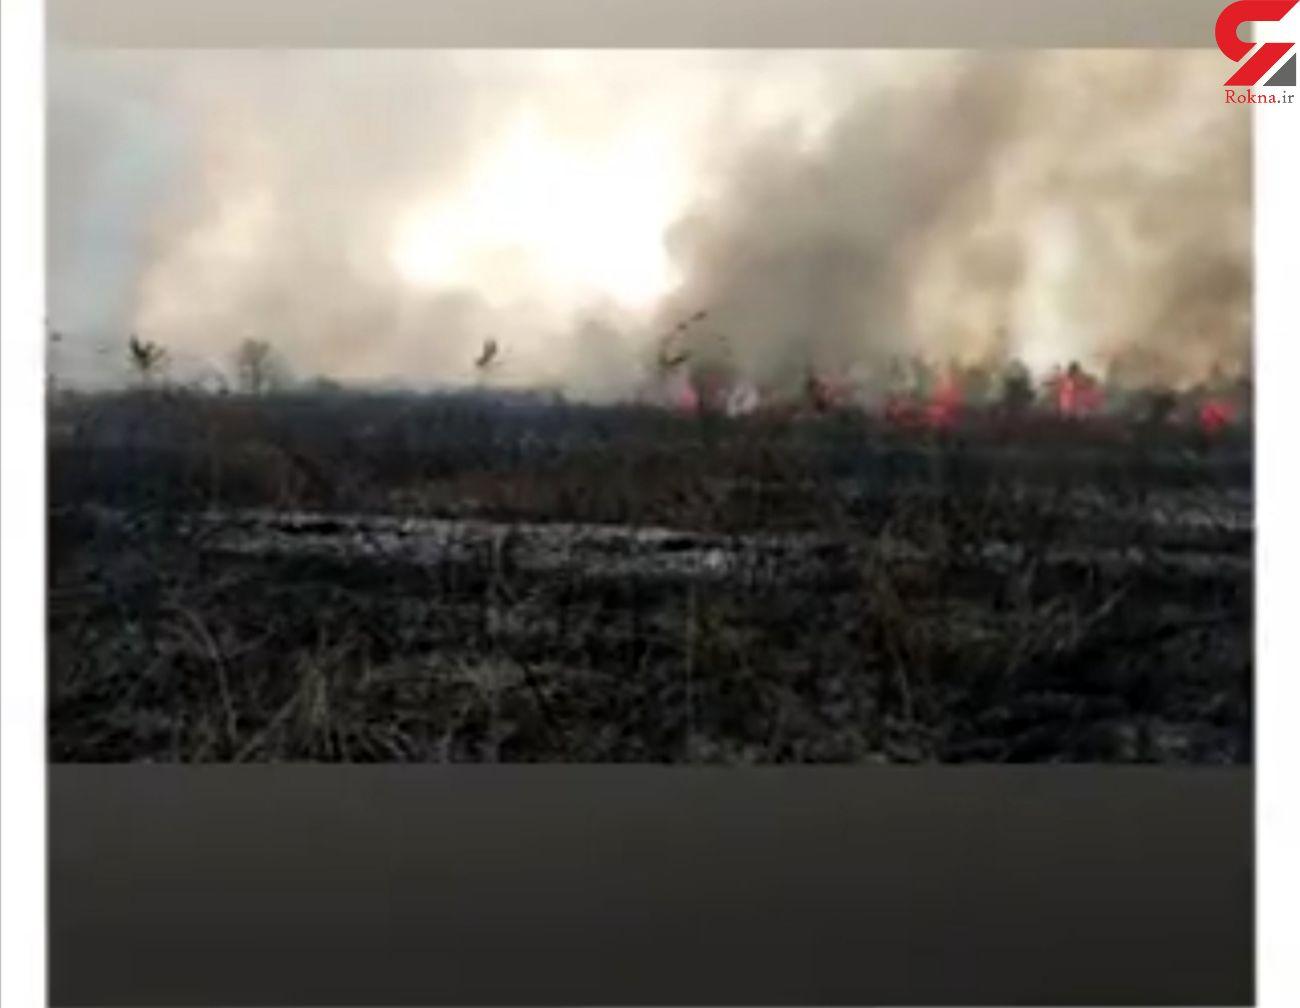 آتش سوزی بی سابقه  ۲۰ هکتاری علفزارها در رشت